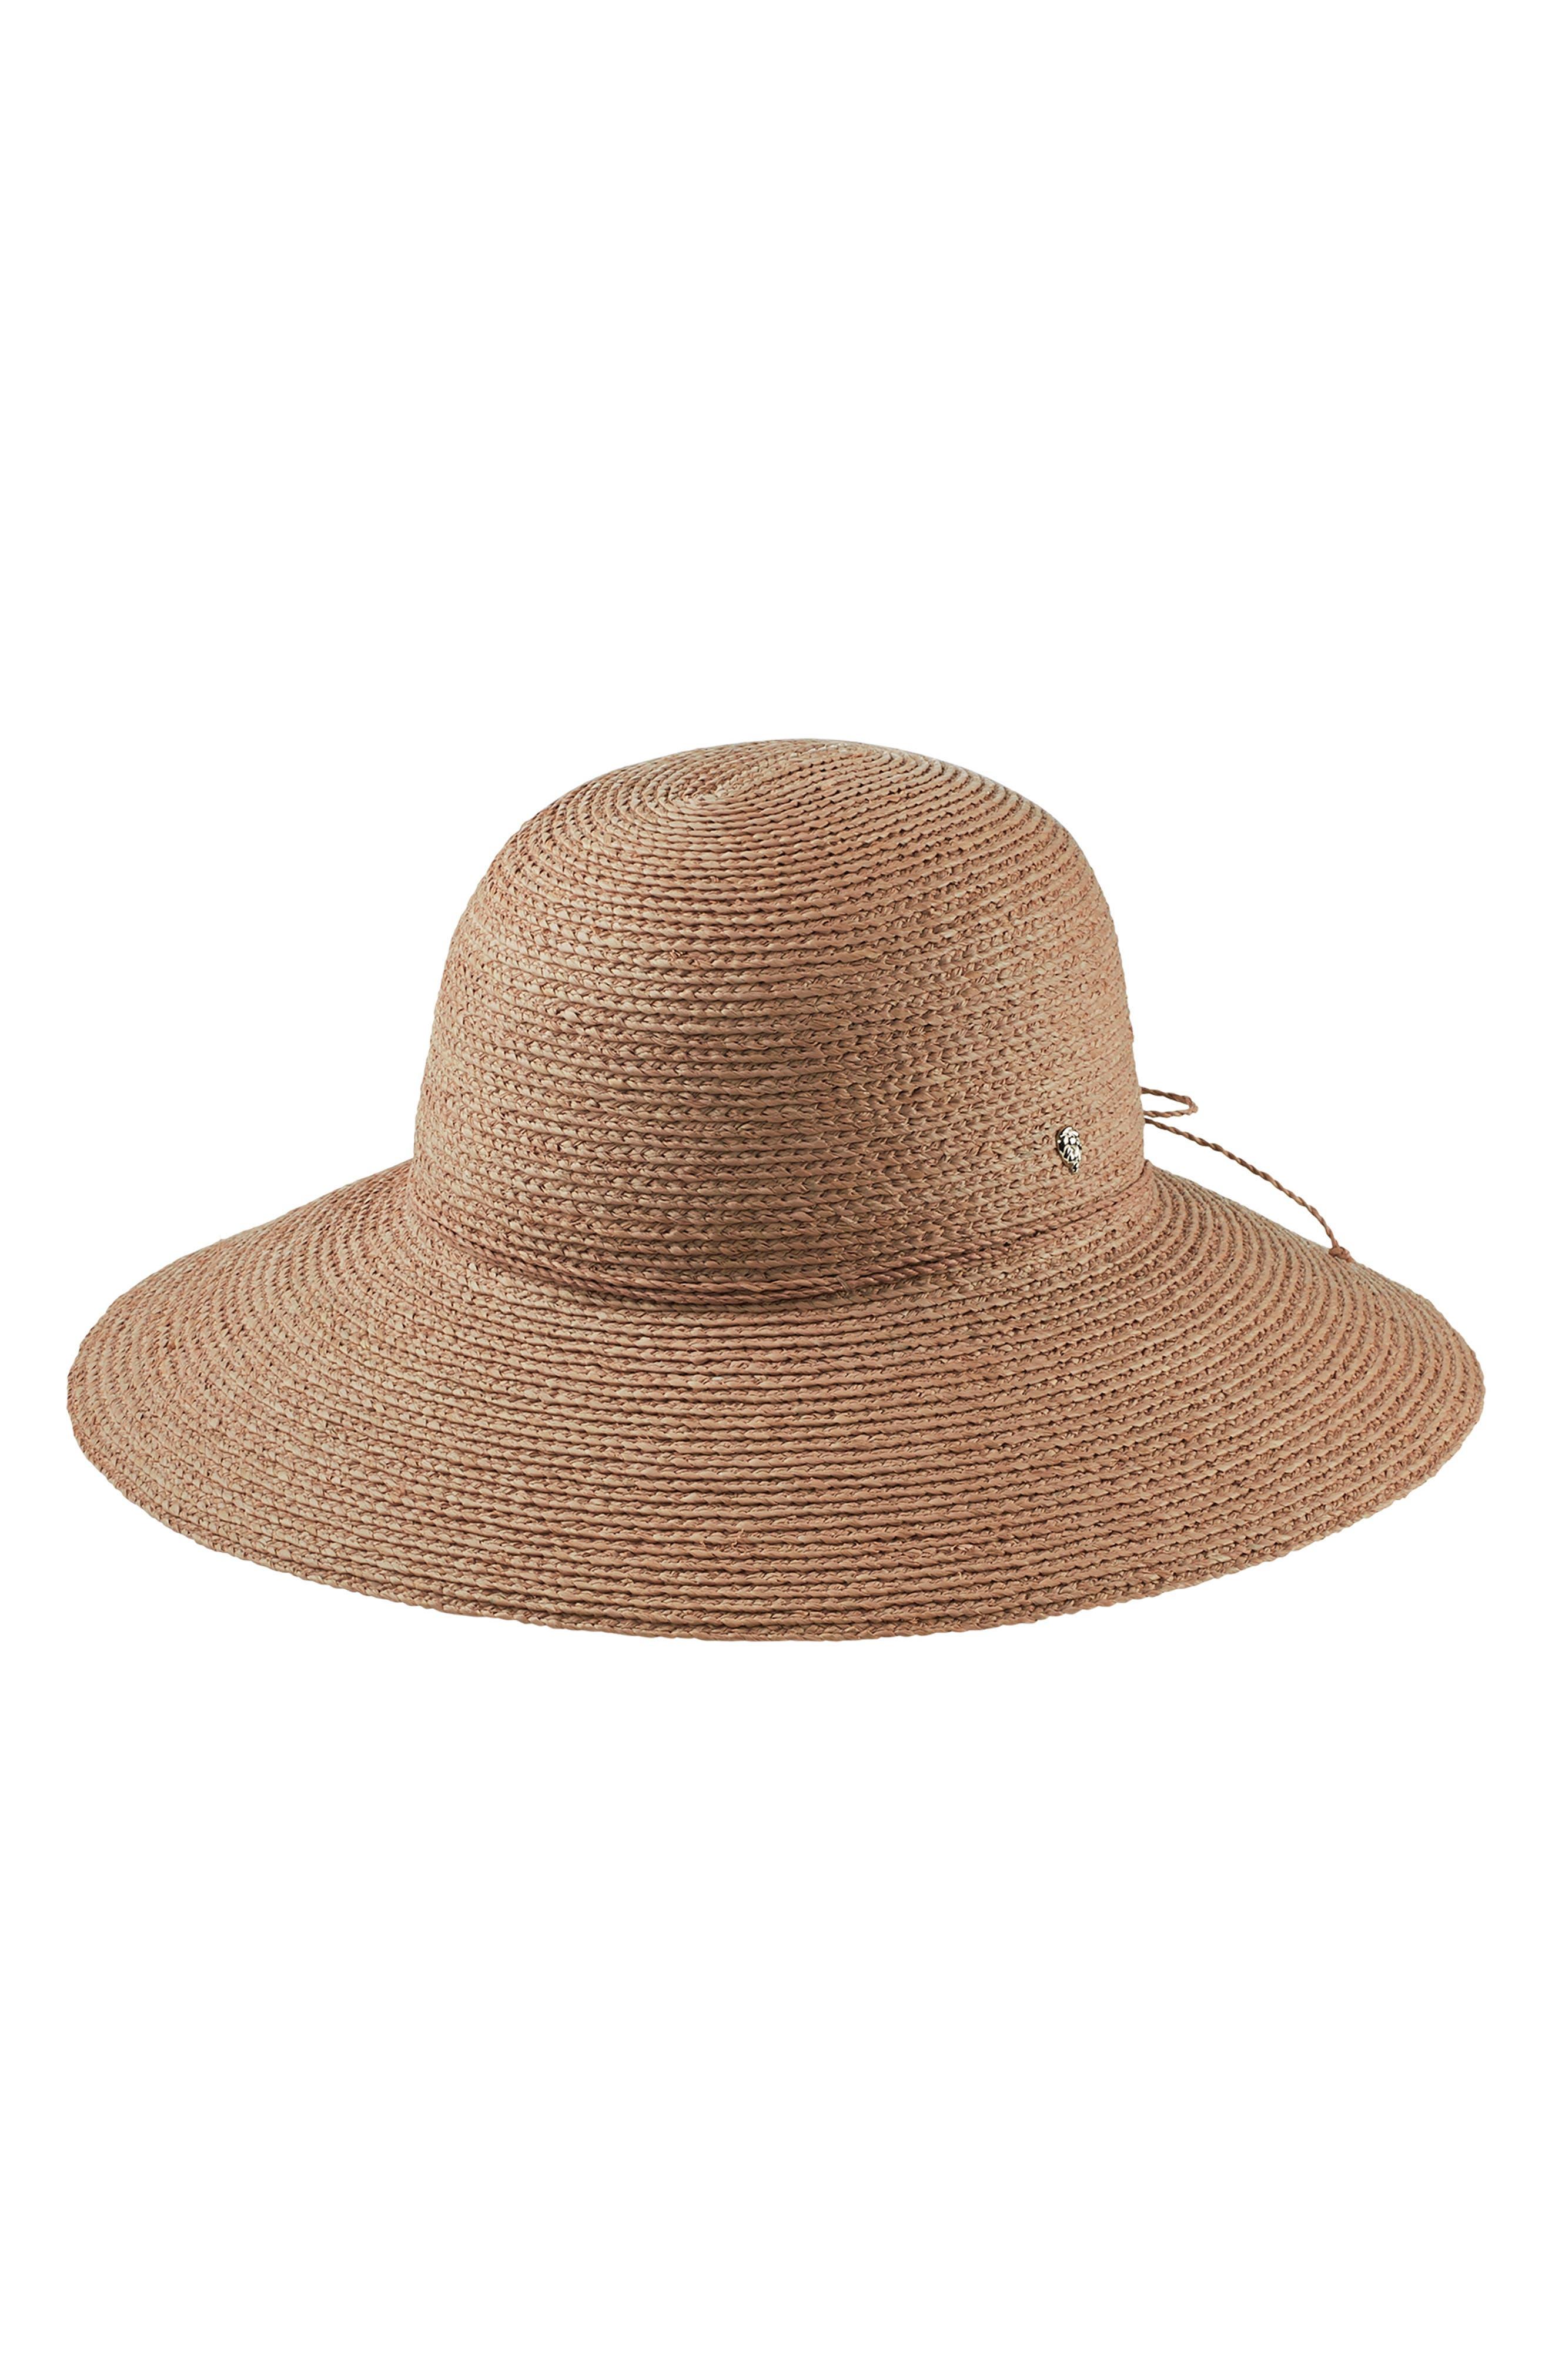 1581ff02f76d5 Brown Helen Kaminski Hats   Visors for Women